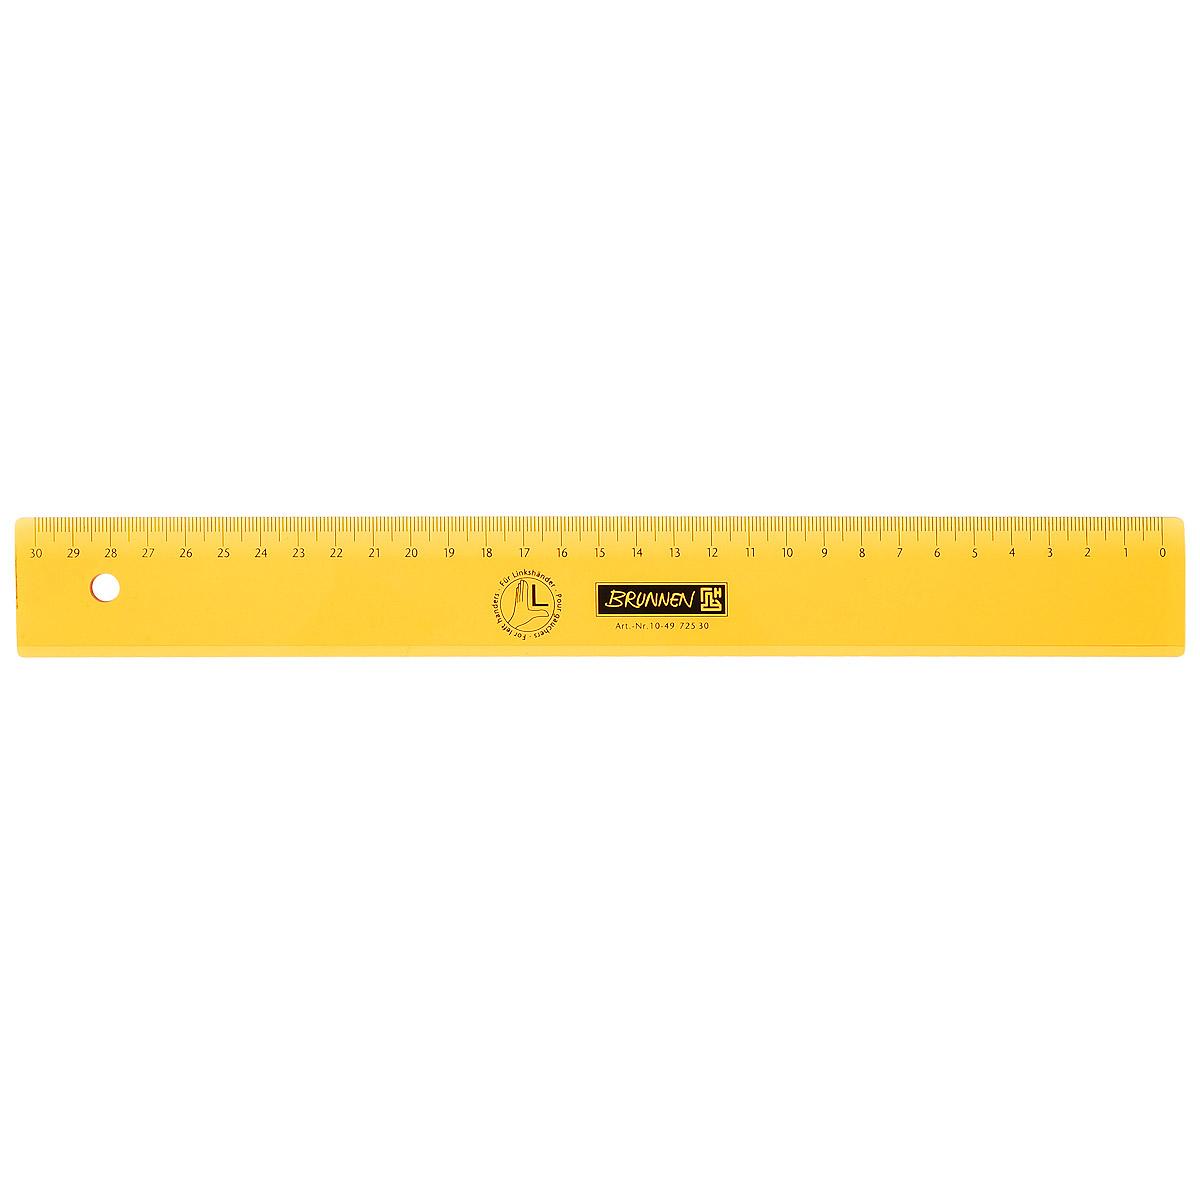 Линейка для левши Brunnen, цвет: желтый, 30 см62178_желтыйЛинейка Brunnen, длиной 30 см, выполнена из прозрачного пластика желтого цвета.Линейка предназначена специально для левшей. Шкала на линейке расположена справа налево.Линейка Brunnen - это незаменимый атрибут, необходимый школьнику или студенту, упрощающий измерение и обеспечивающий ровность проводимых линий.